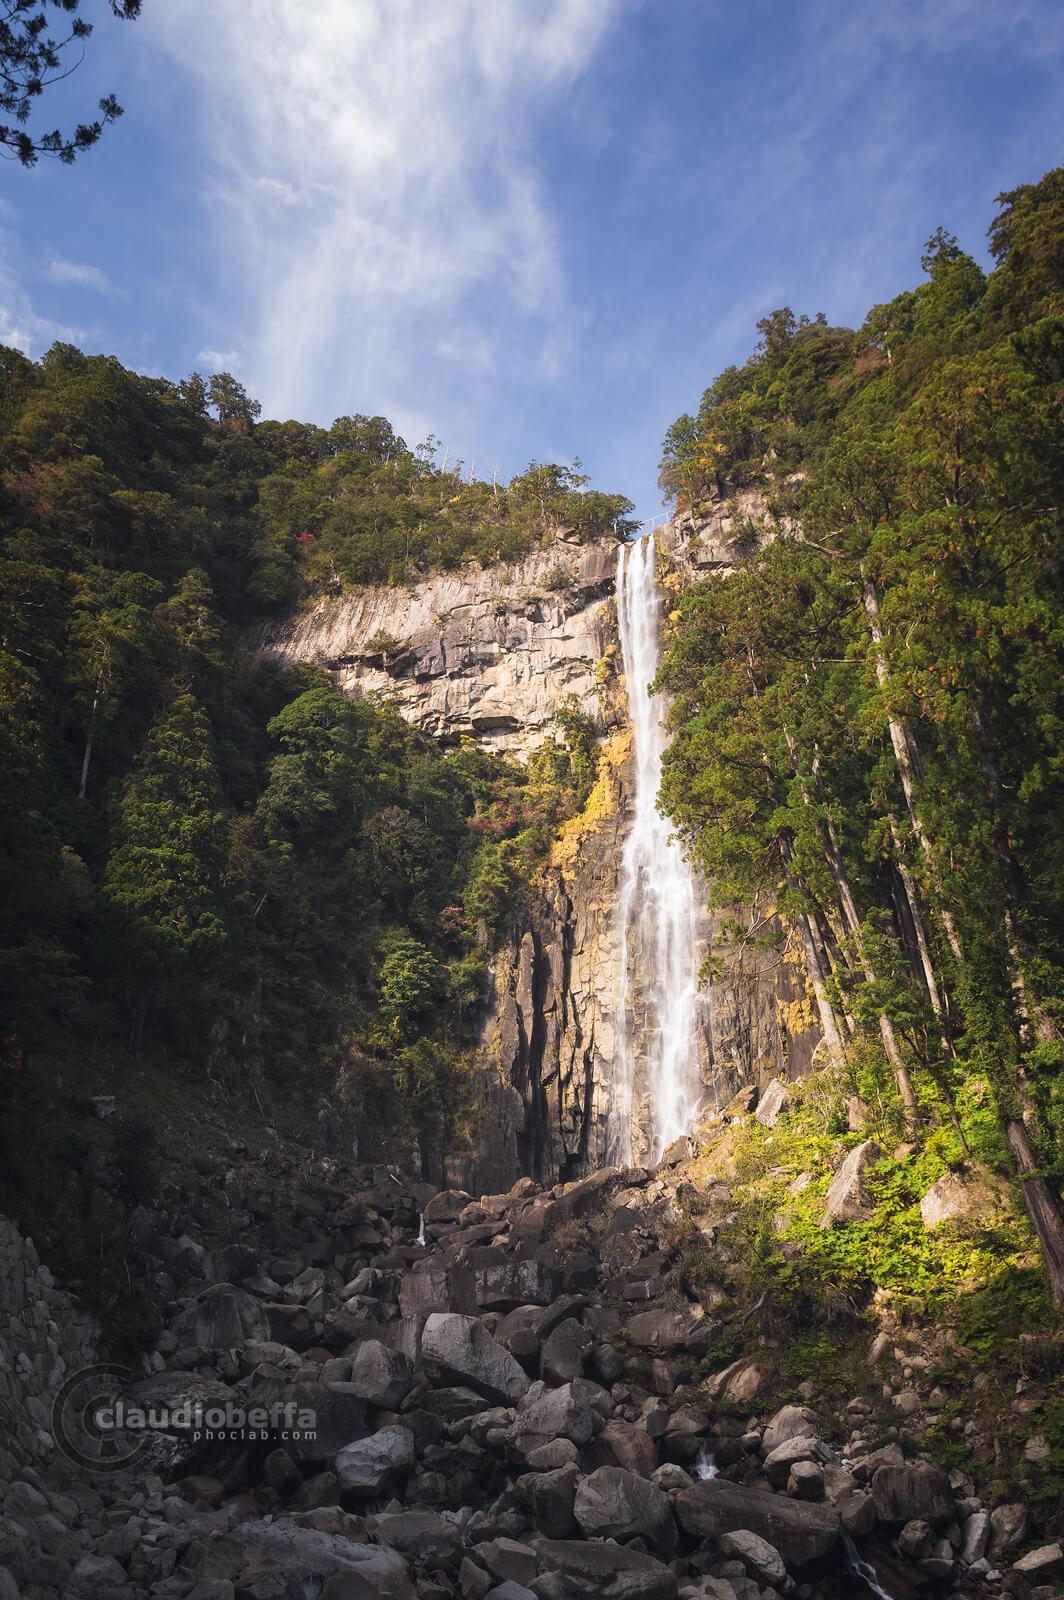 Nachi no Taki, Waterfall, Hiryu Gongen, Nachi Taisha, Shrine, Shinto, Nature, Kii peninsula, Kumano, Japan